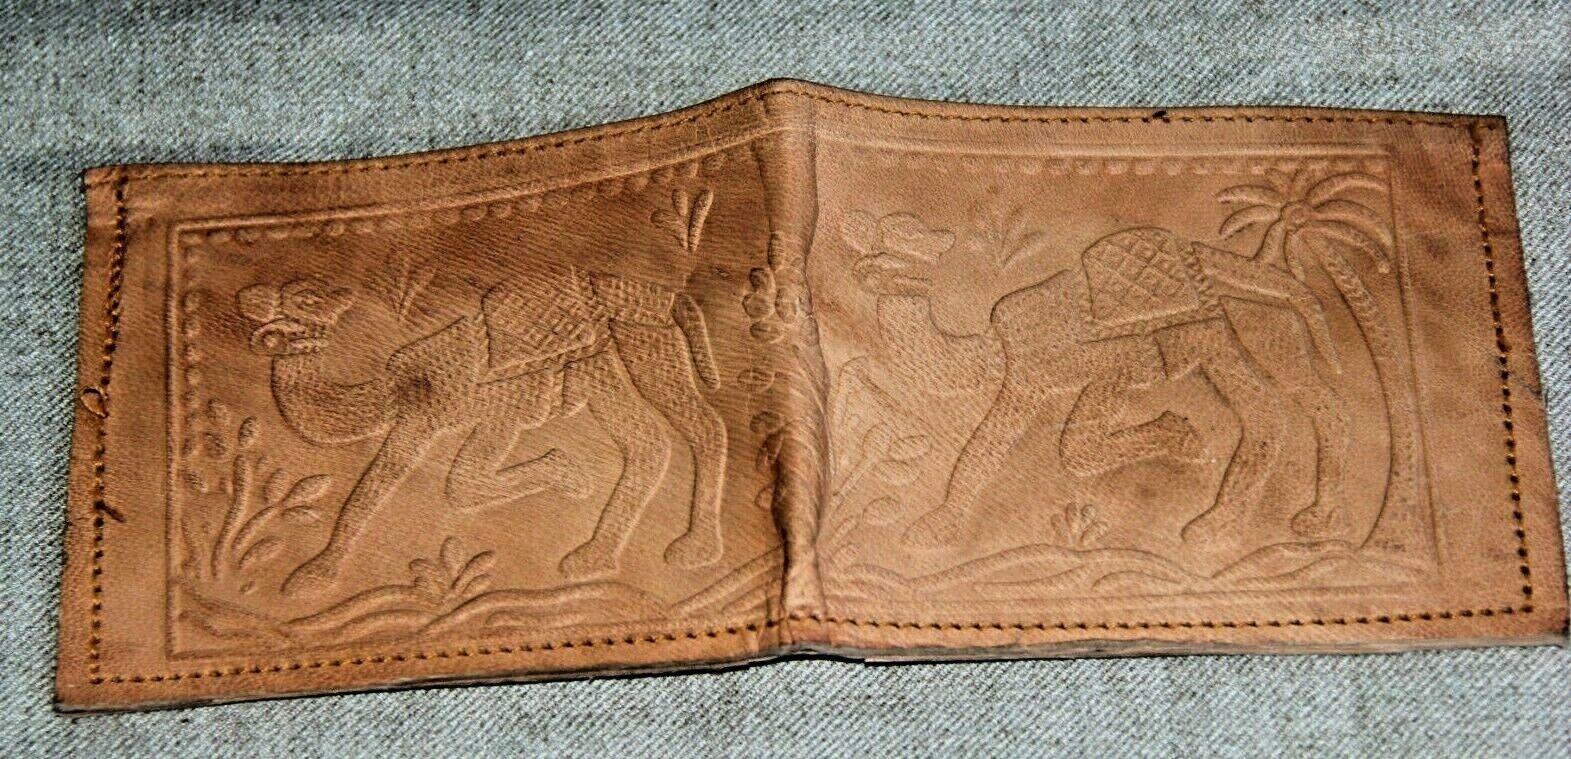 Brieftasche Portmonnaie Geldbeutel braun Kamelleder Handgefertigt - Indien